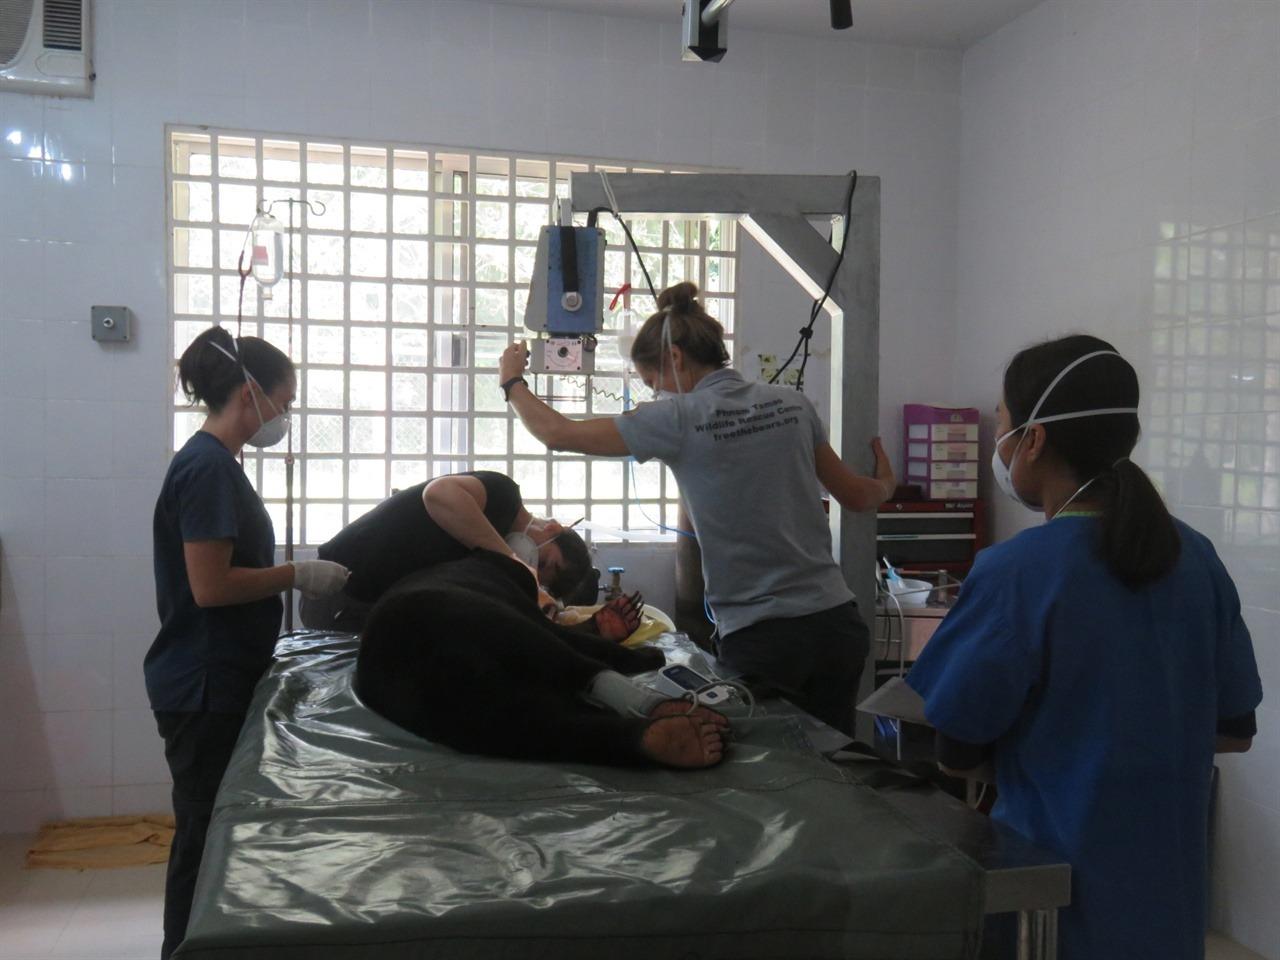 태양곰의 건강상태를 면밀히 확인하는 직원들